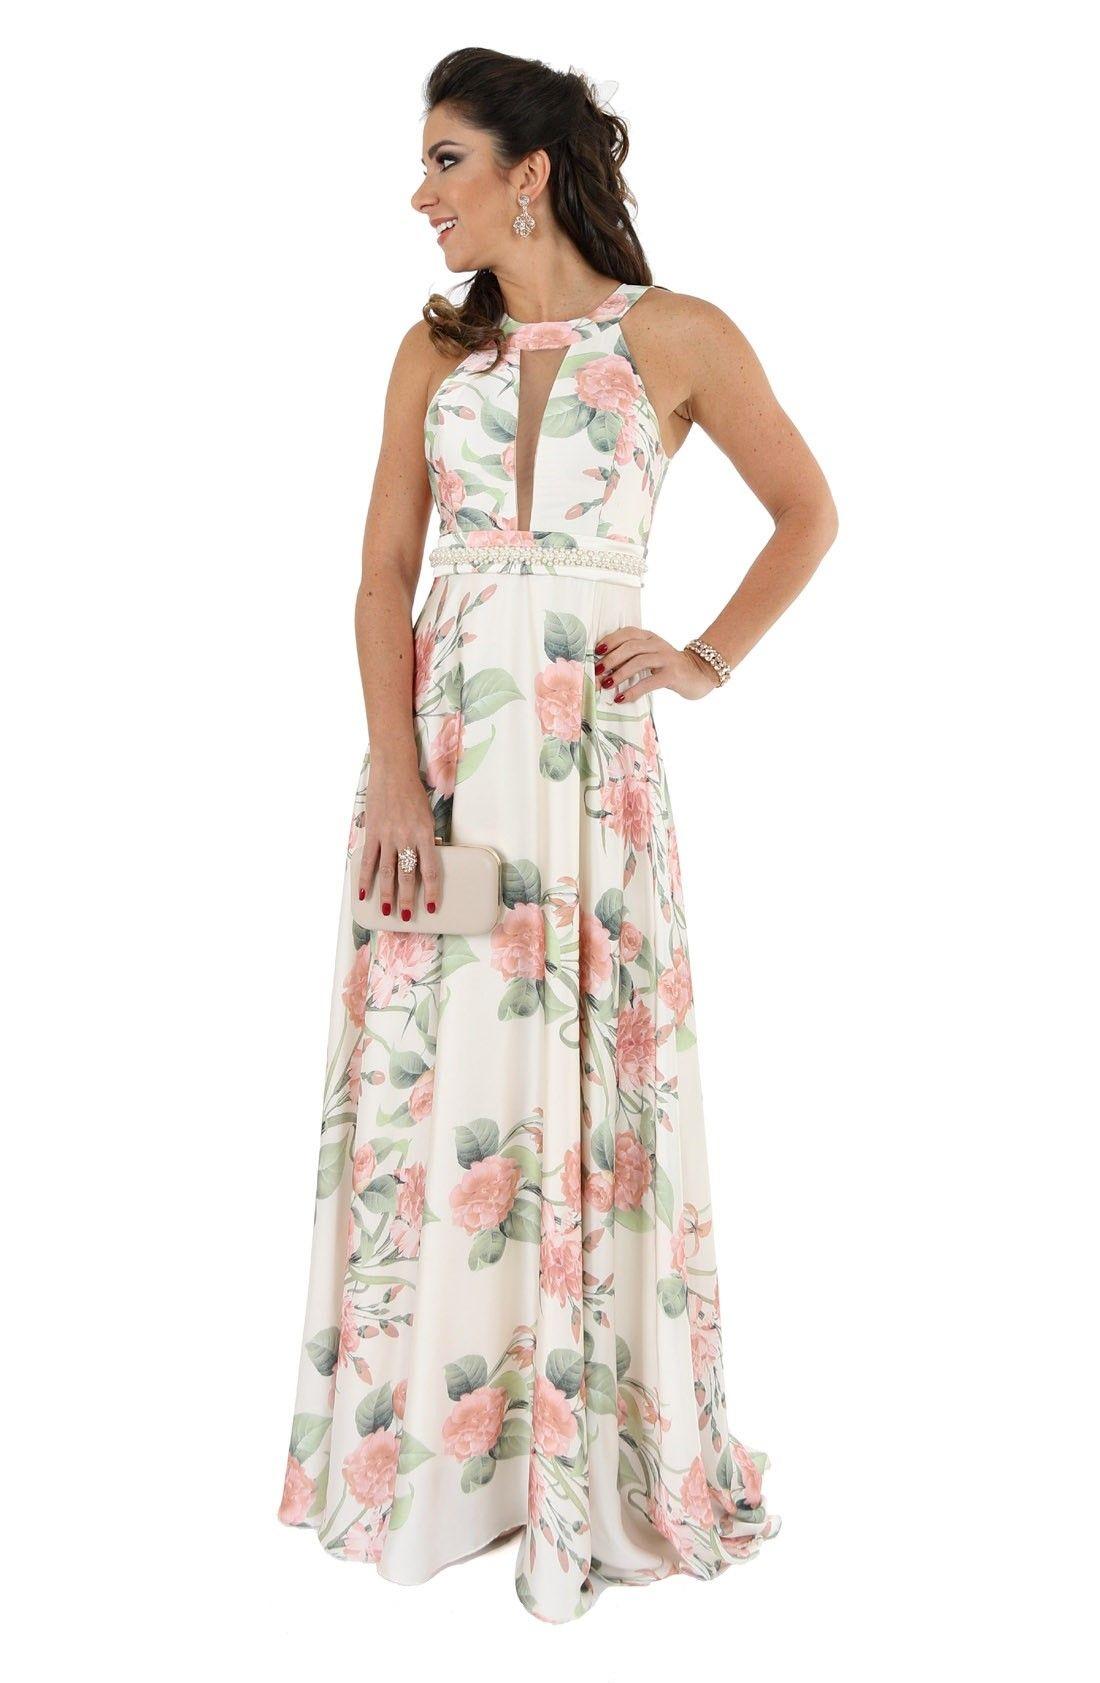 Vestido Plus Size Longo em Renda Guippir e Musseline – Moda